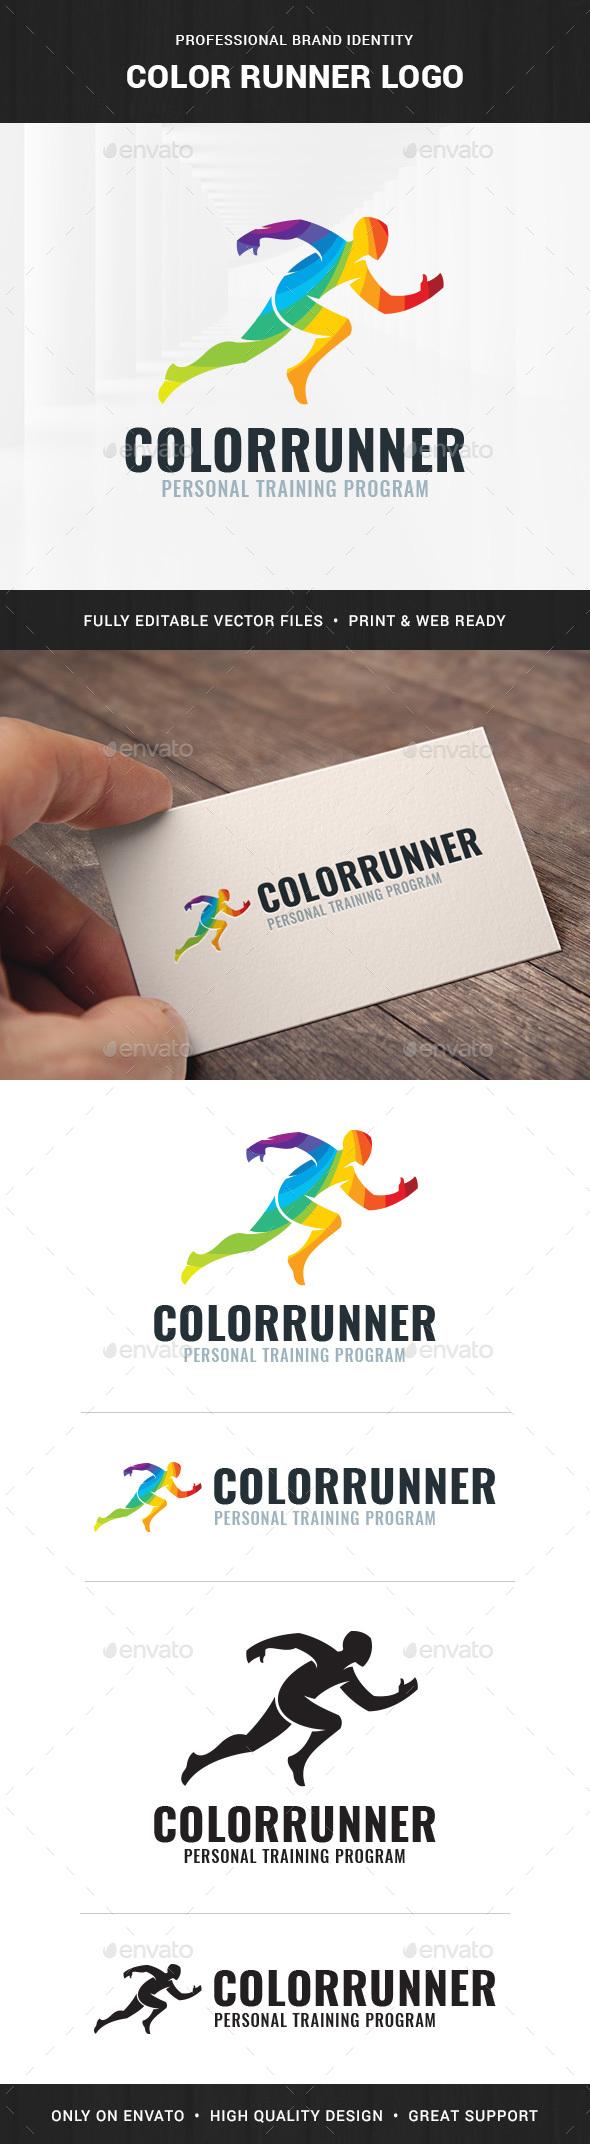 Color Runner Logo Template